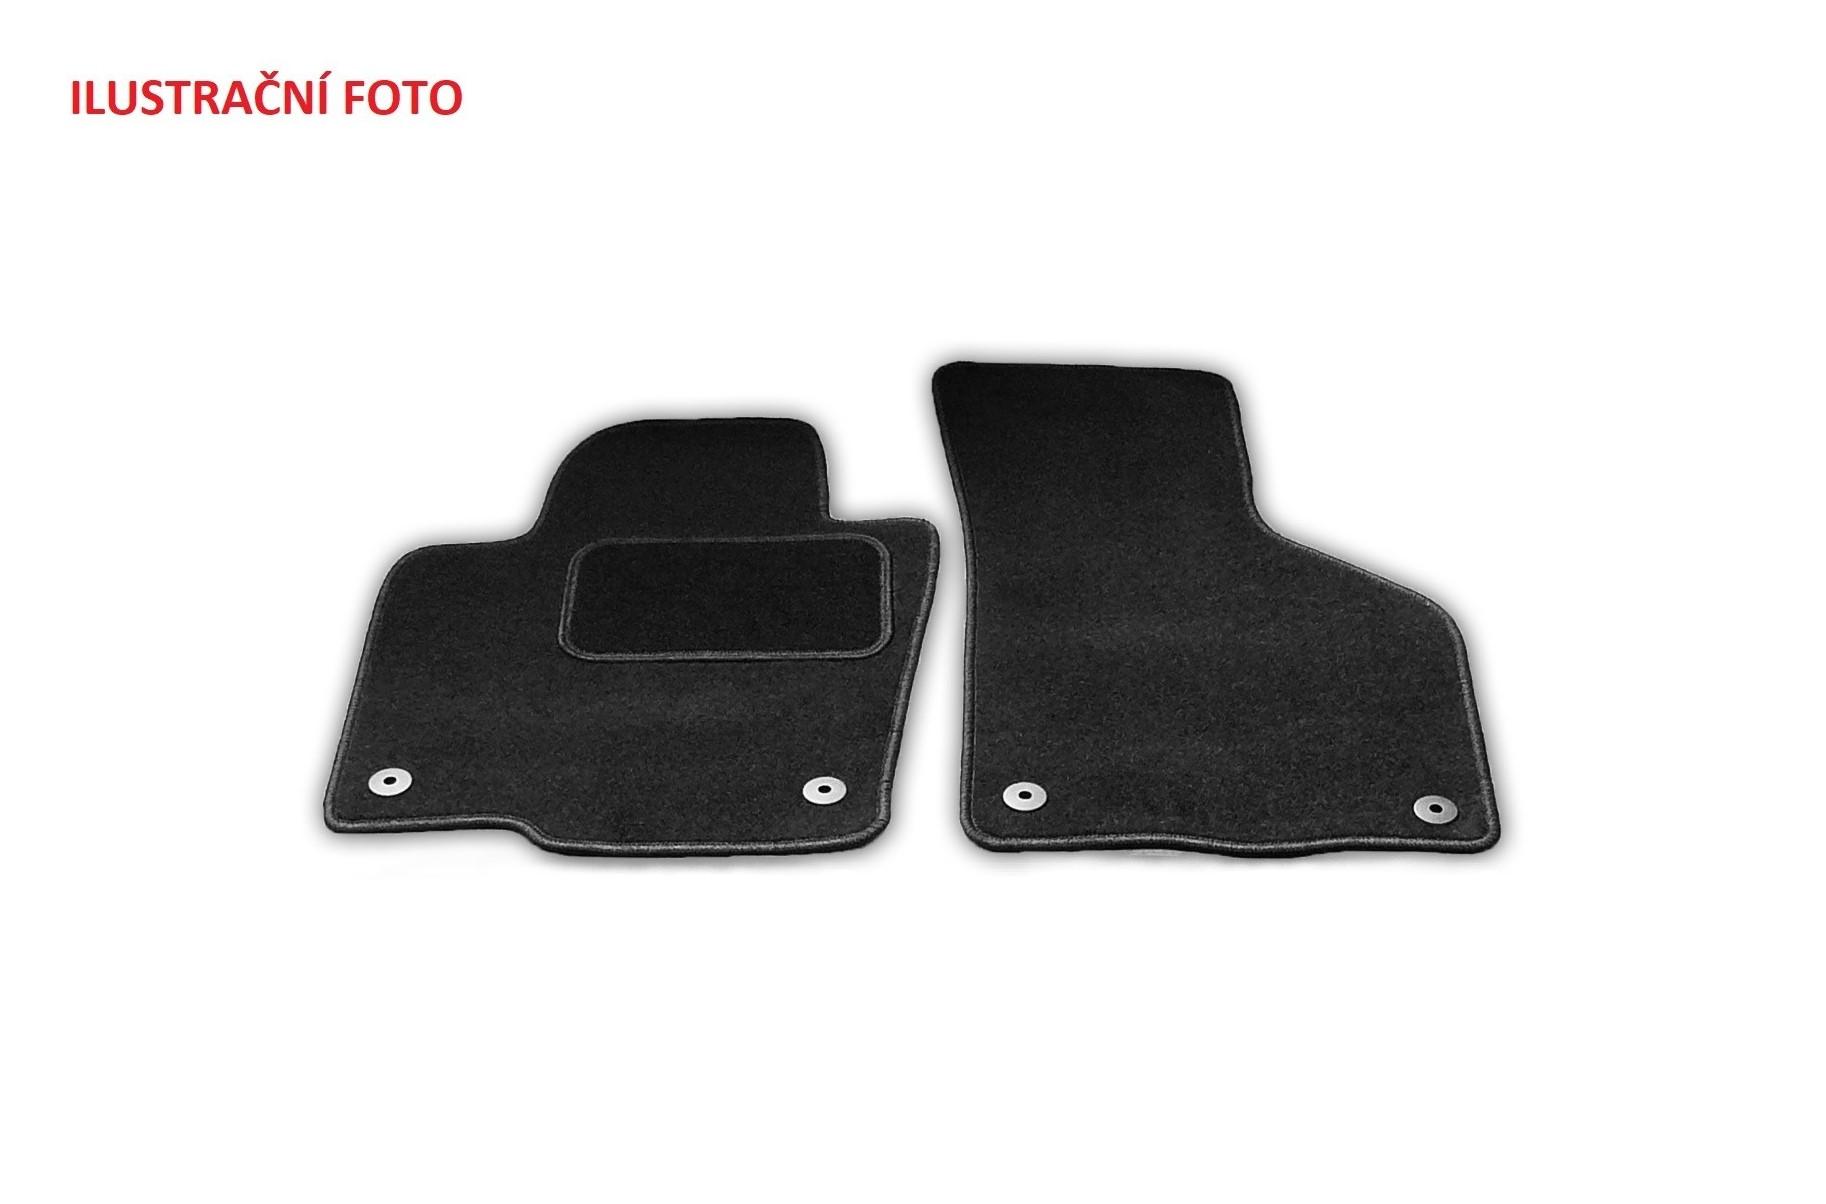 Automega Textilní autokoberce Standard Mercedes Vito 2/3 místný 2014